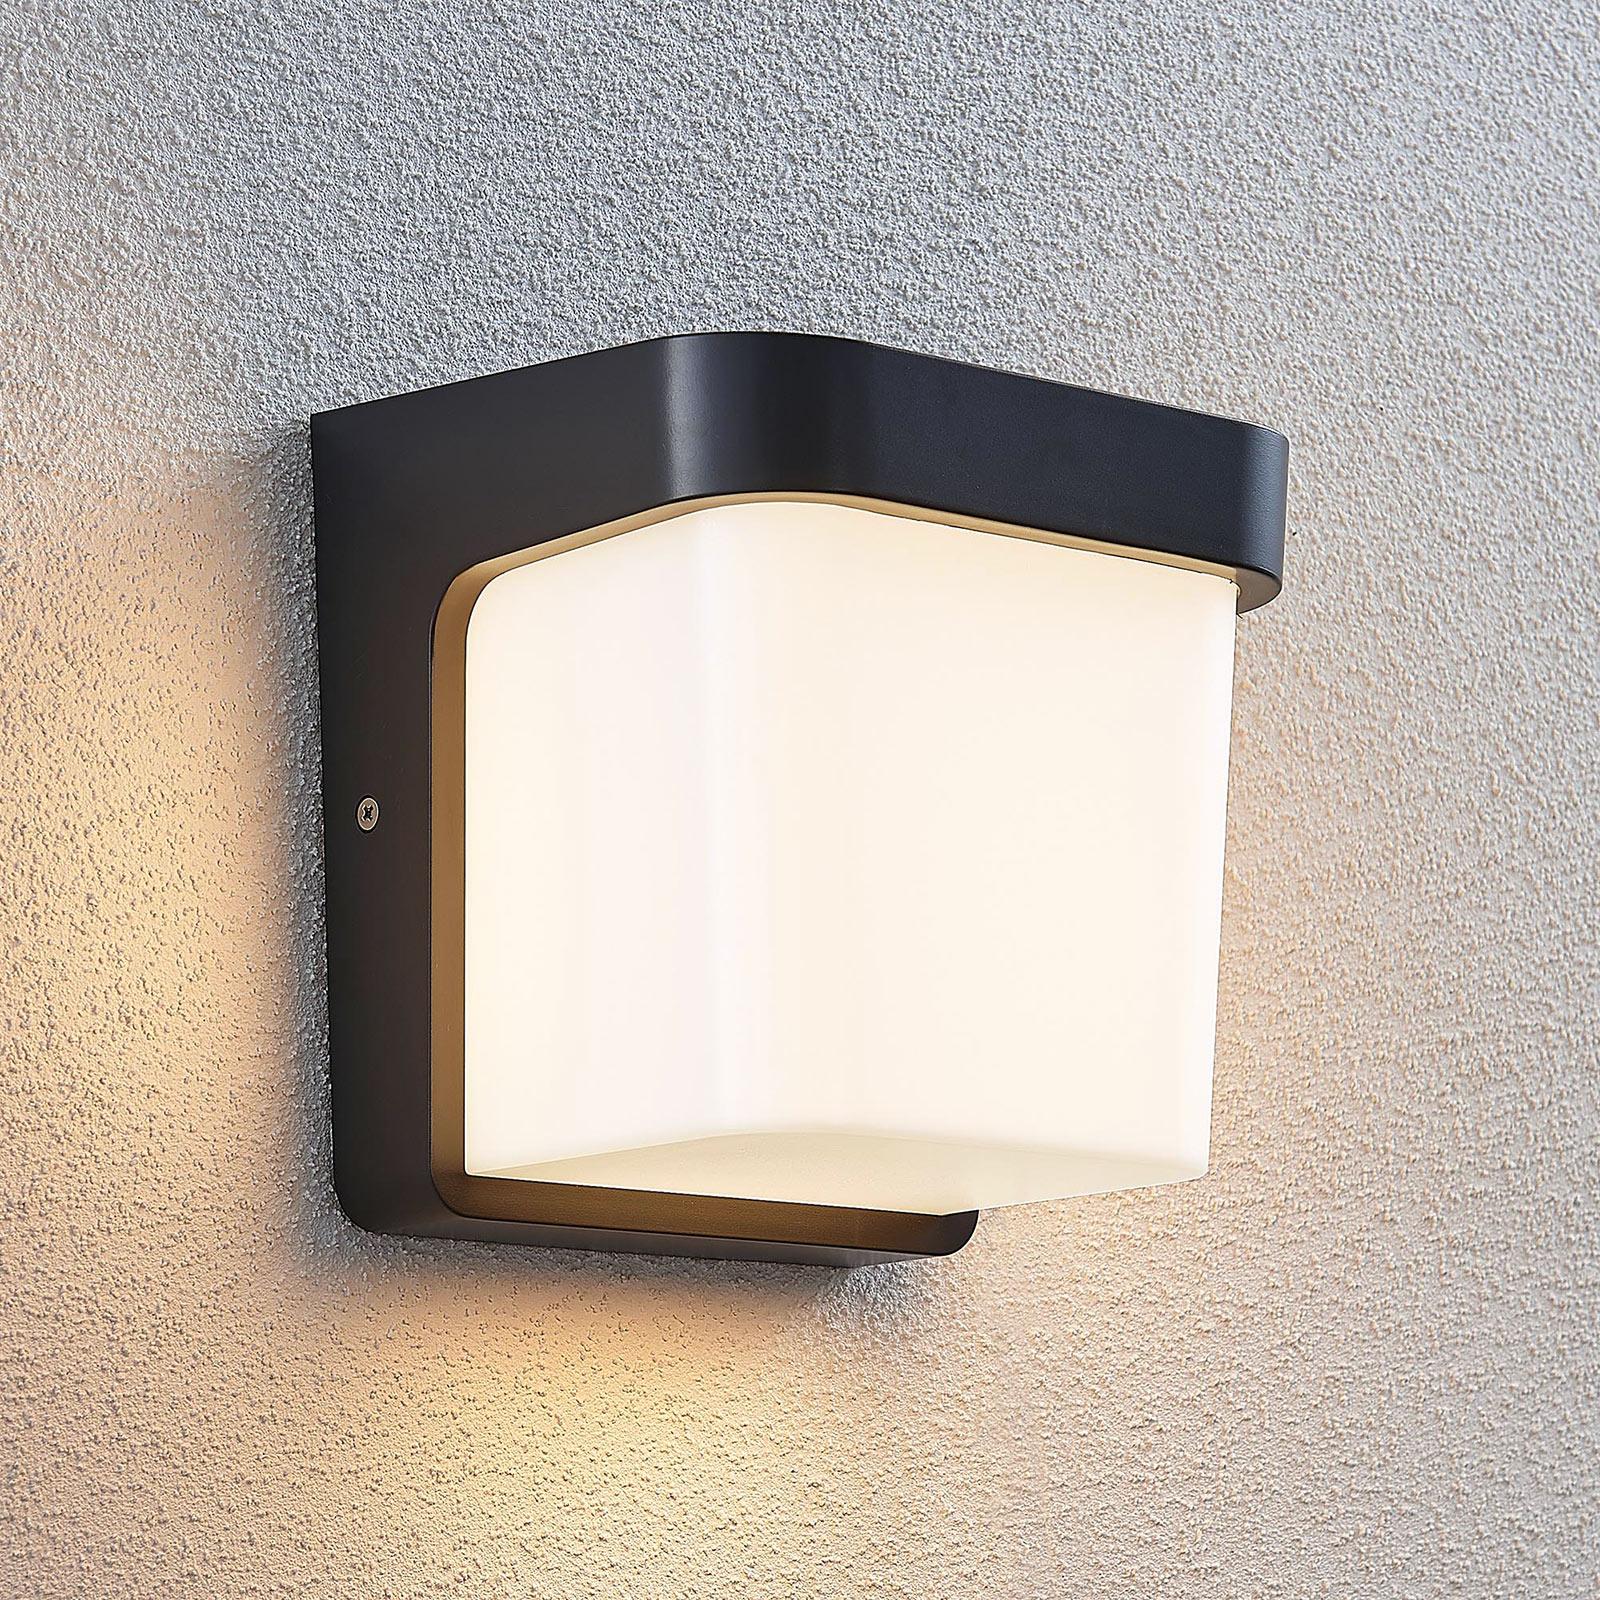 LED-ulkoseinälamppu Adenike ilman anturia